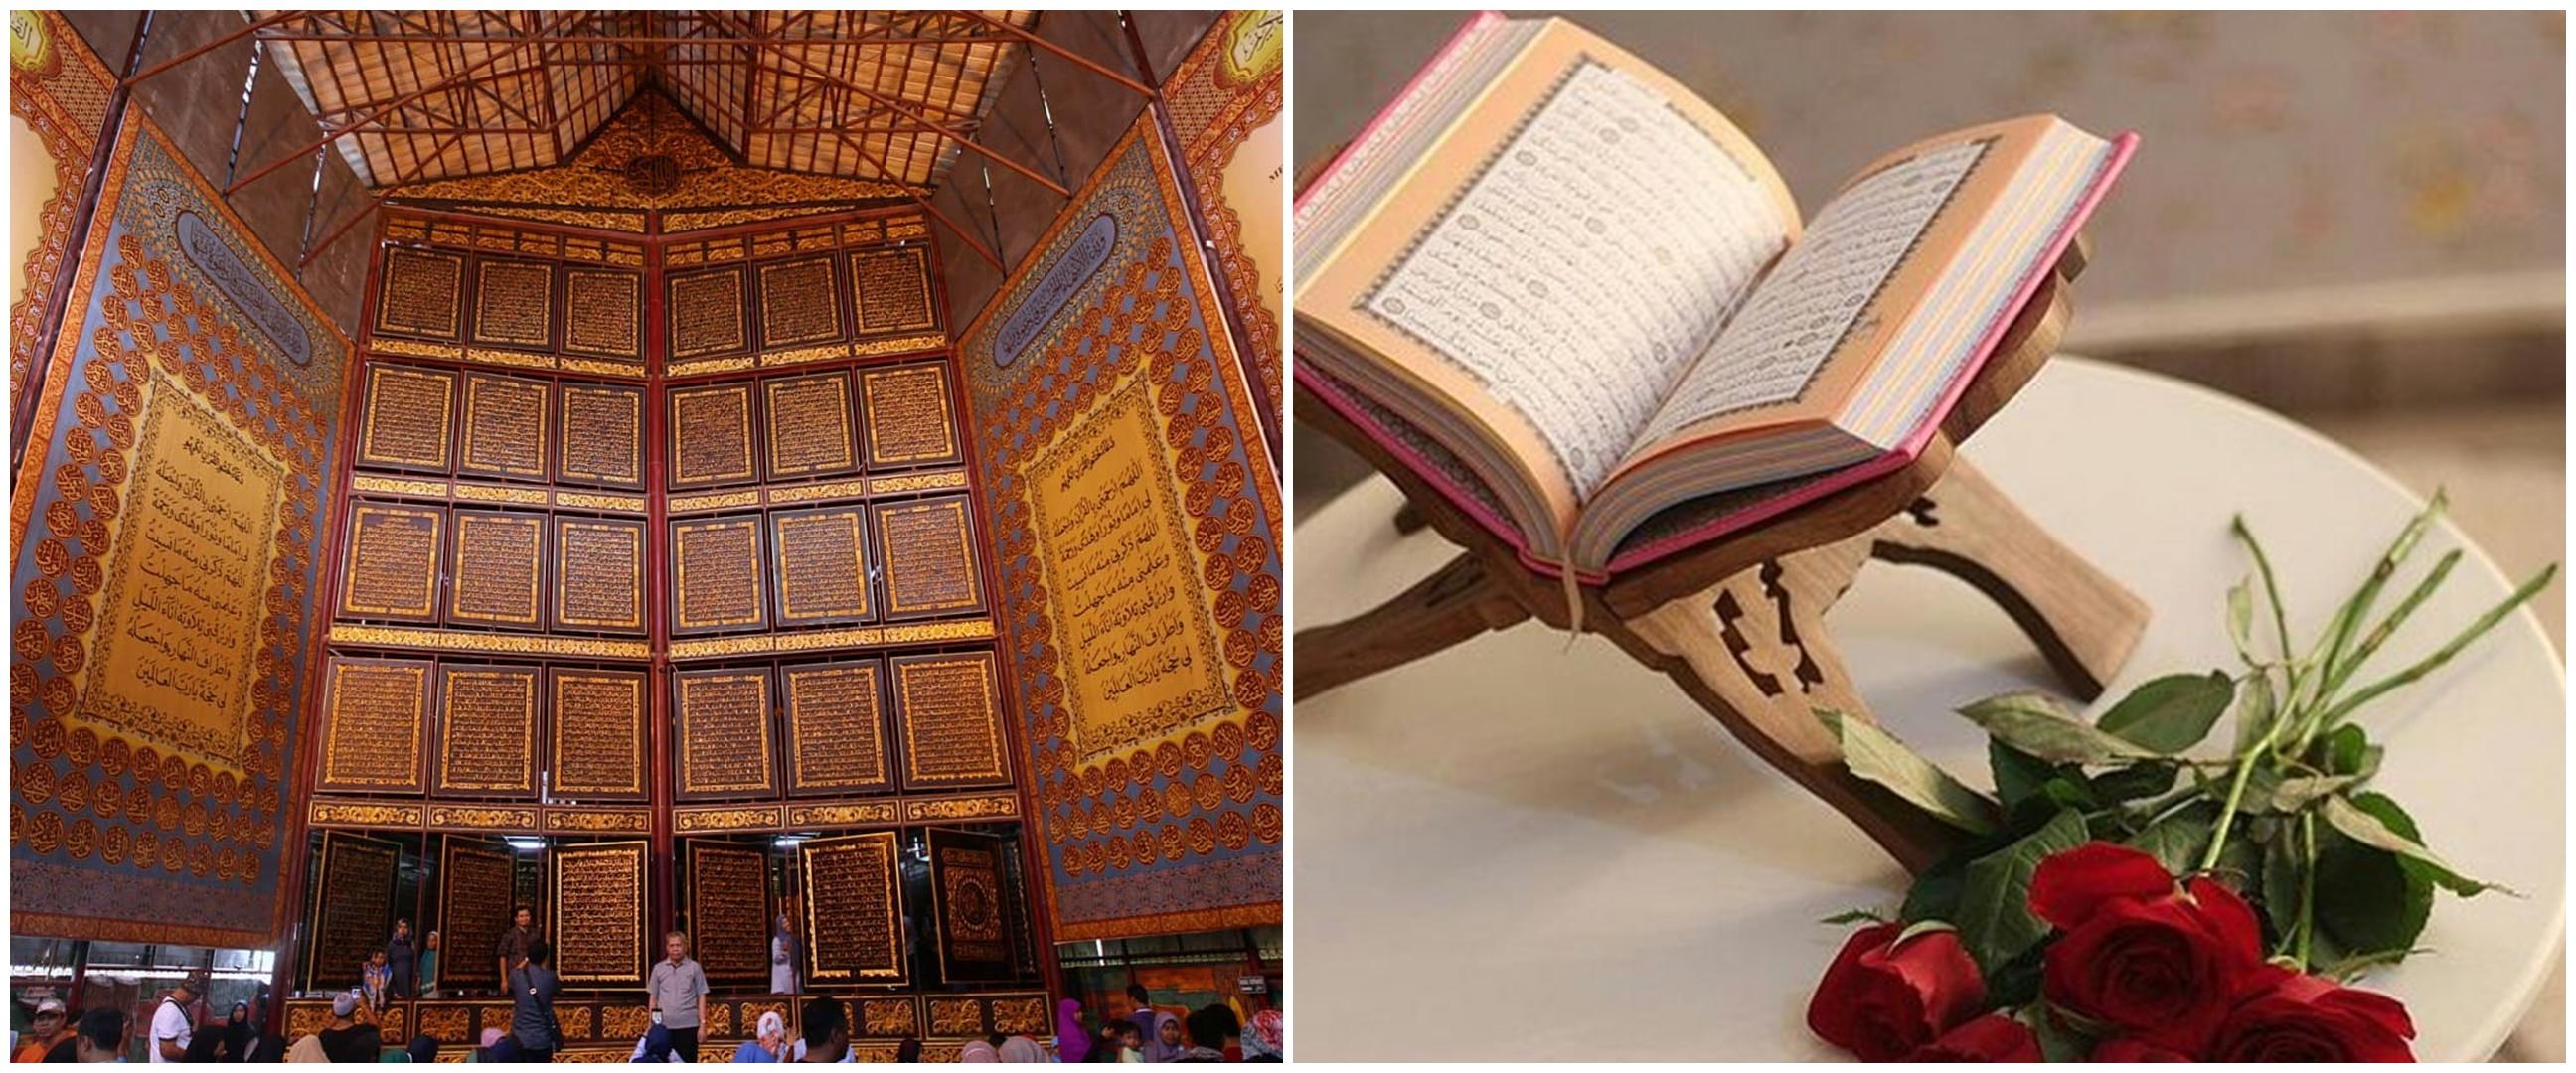 4 Mushaf Alquran terbesar di dunia, salah satunya di Indonesia